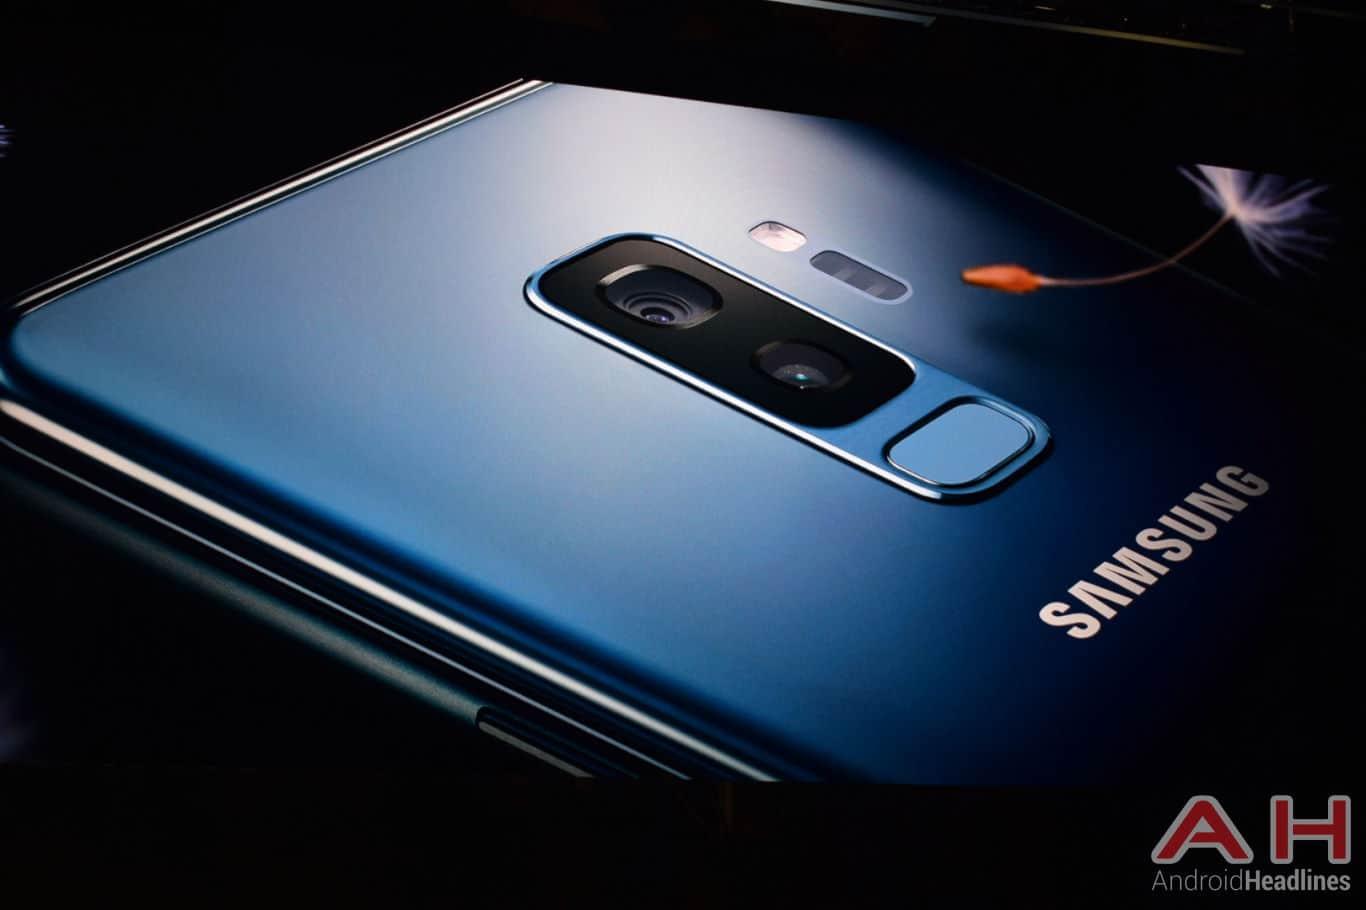 Samsung Galaxy S9 Plus MWC Batch 2 AH 1